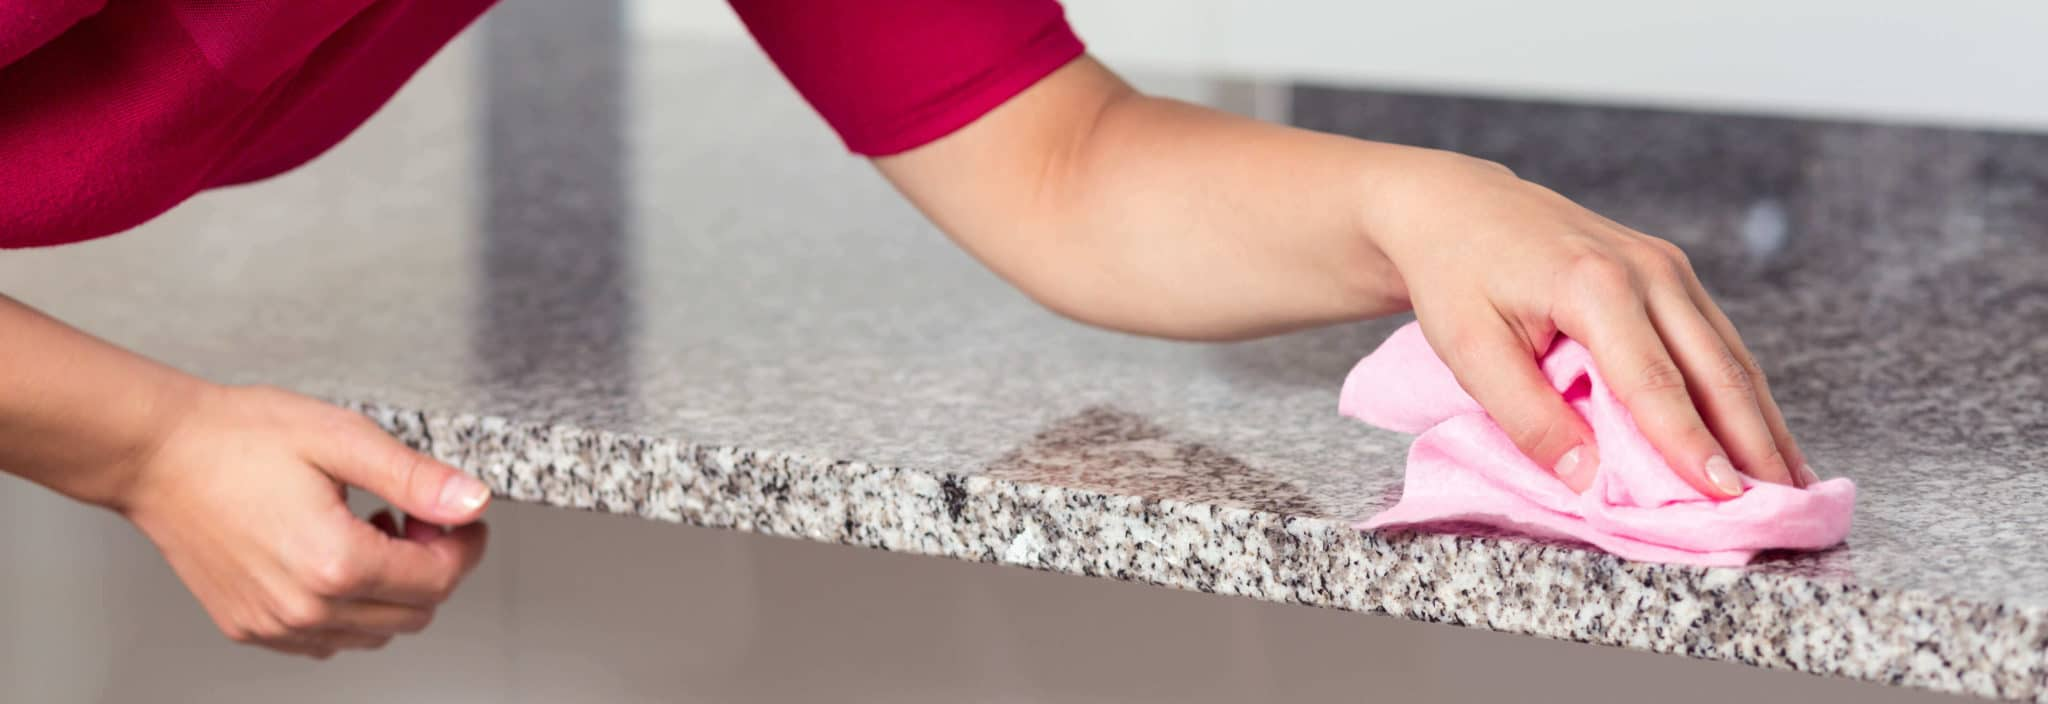 Cuidado de la encimera - como limpiar la encimera de cocina